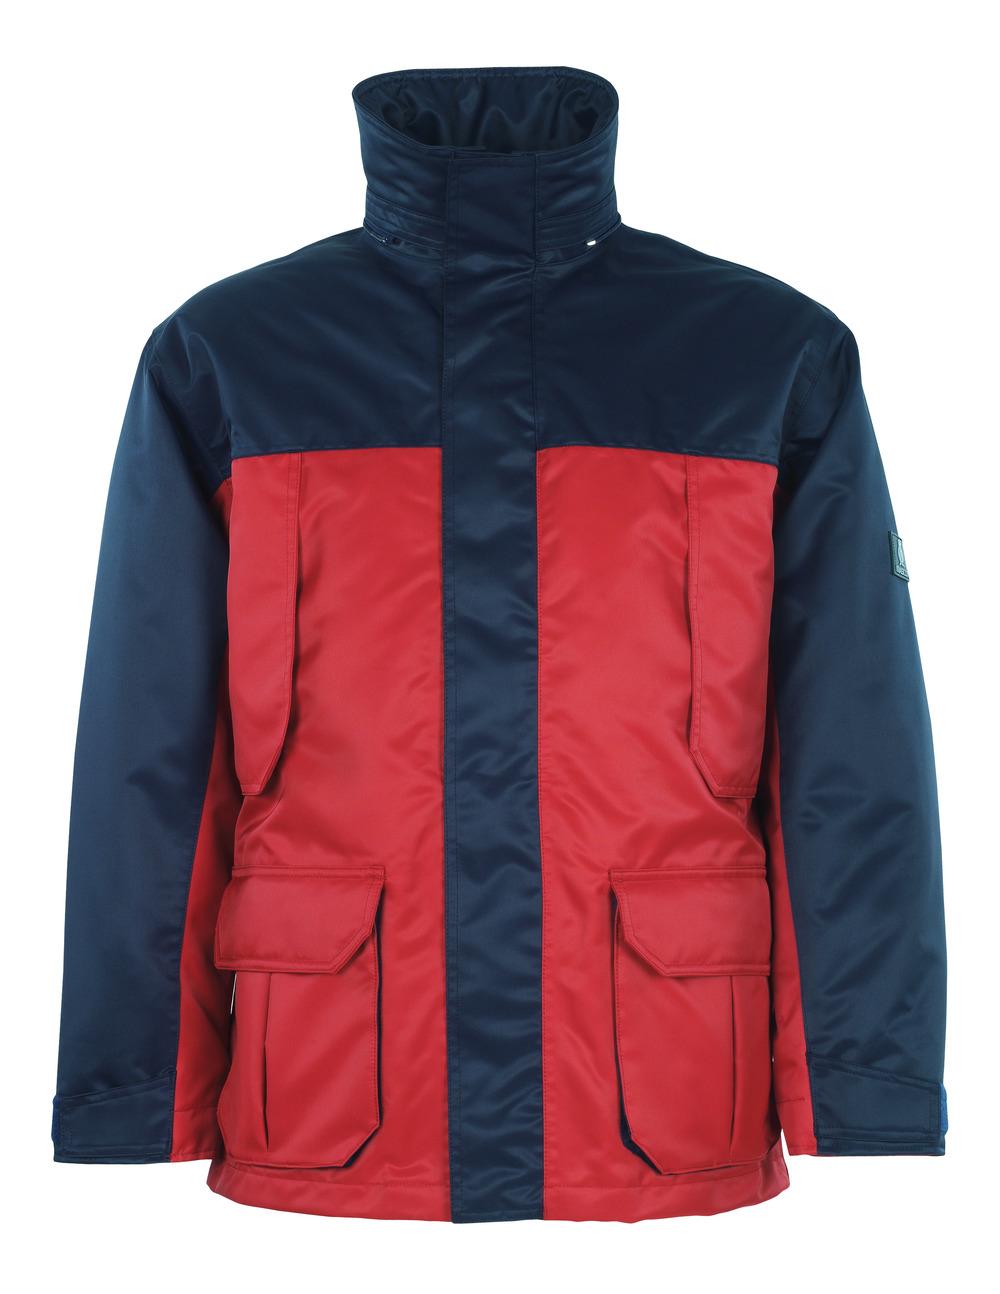 00930-650-21 Parkatakki - punainen/tummansininen